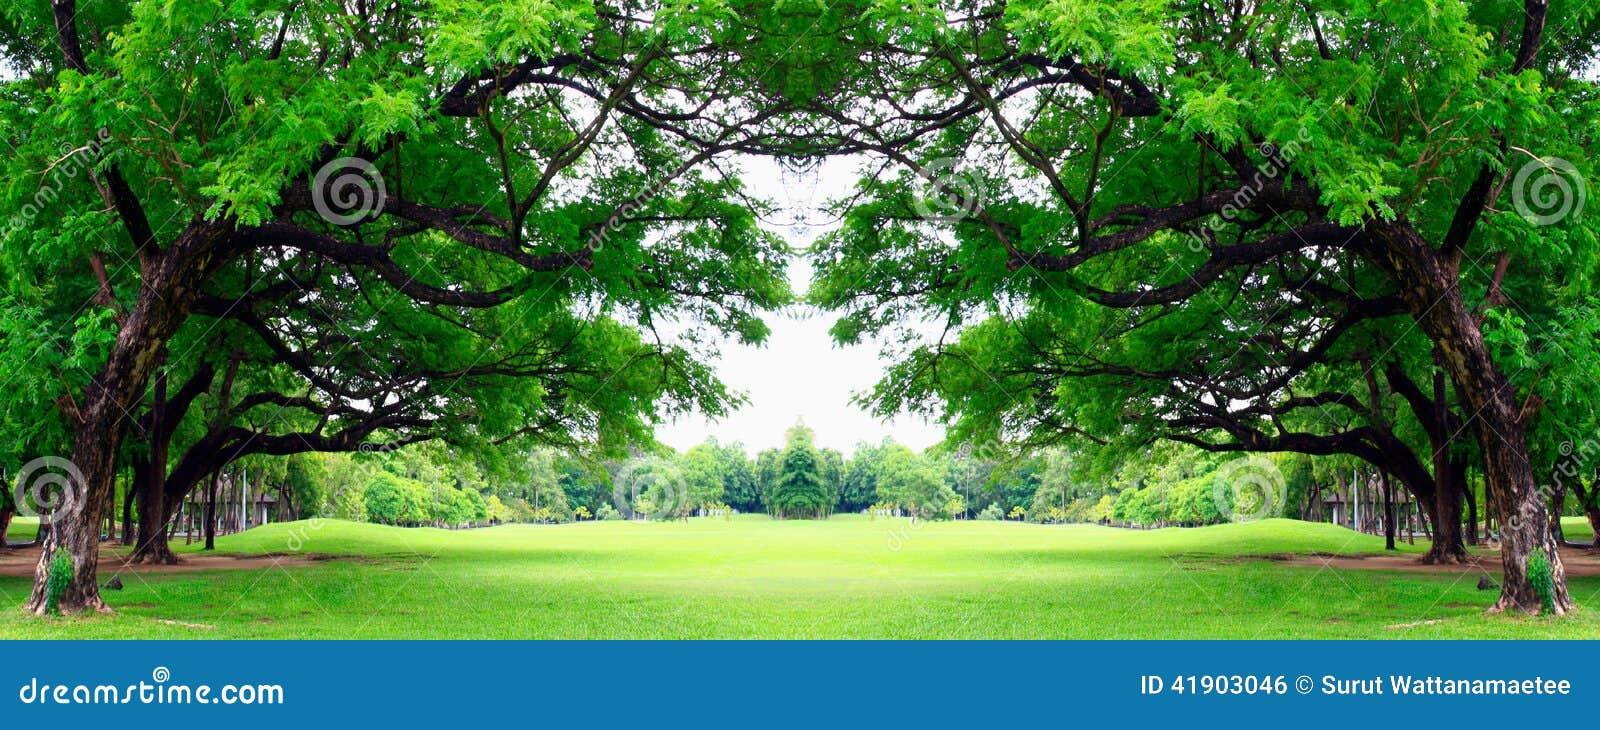 Duży drzewo